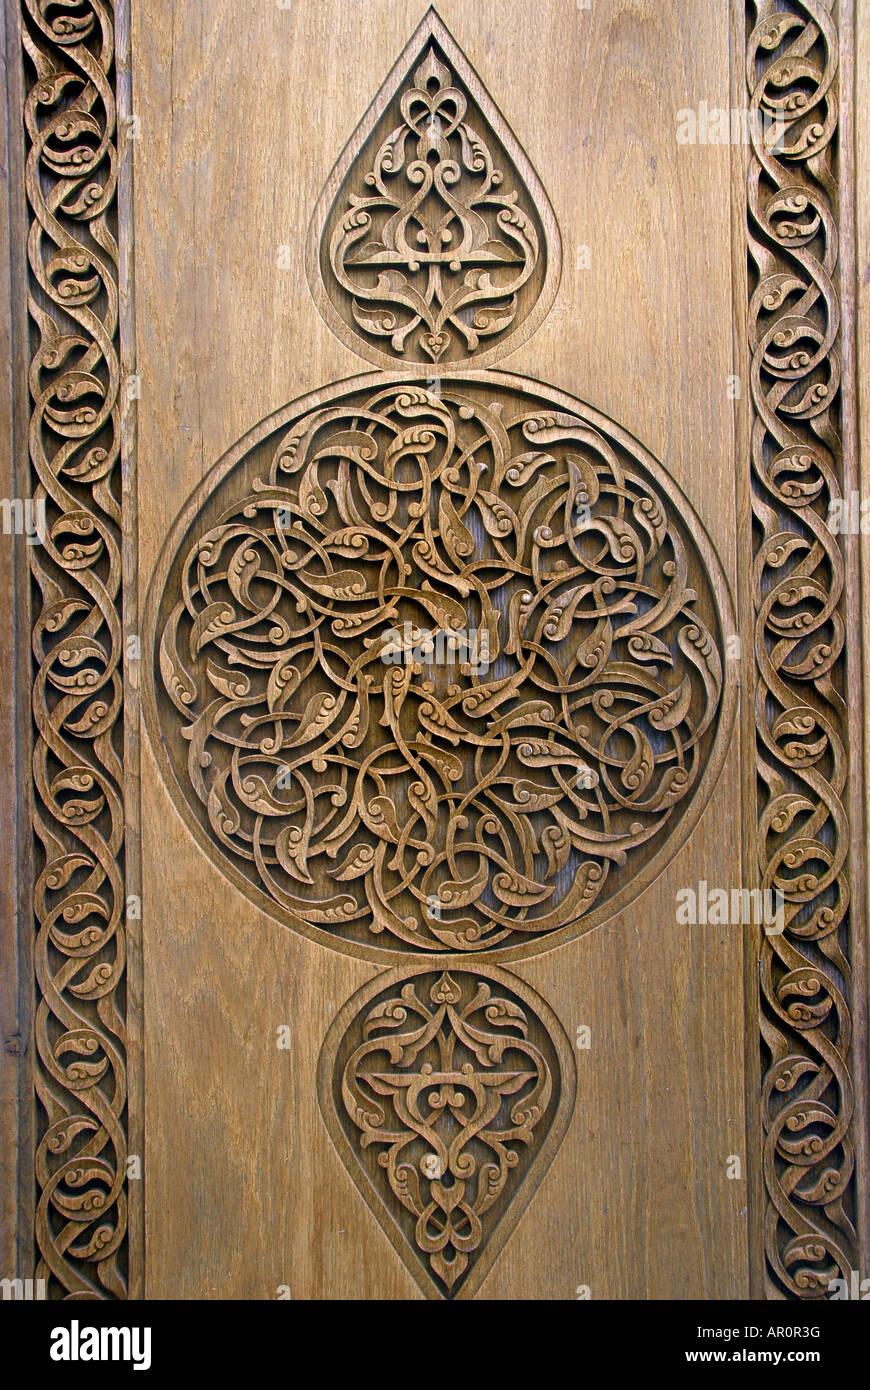 OTTOMAN TURKISH STYLE WOODWORK - Stock Image